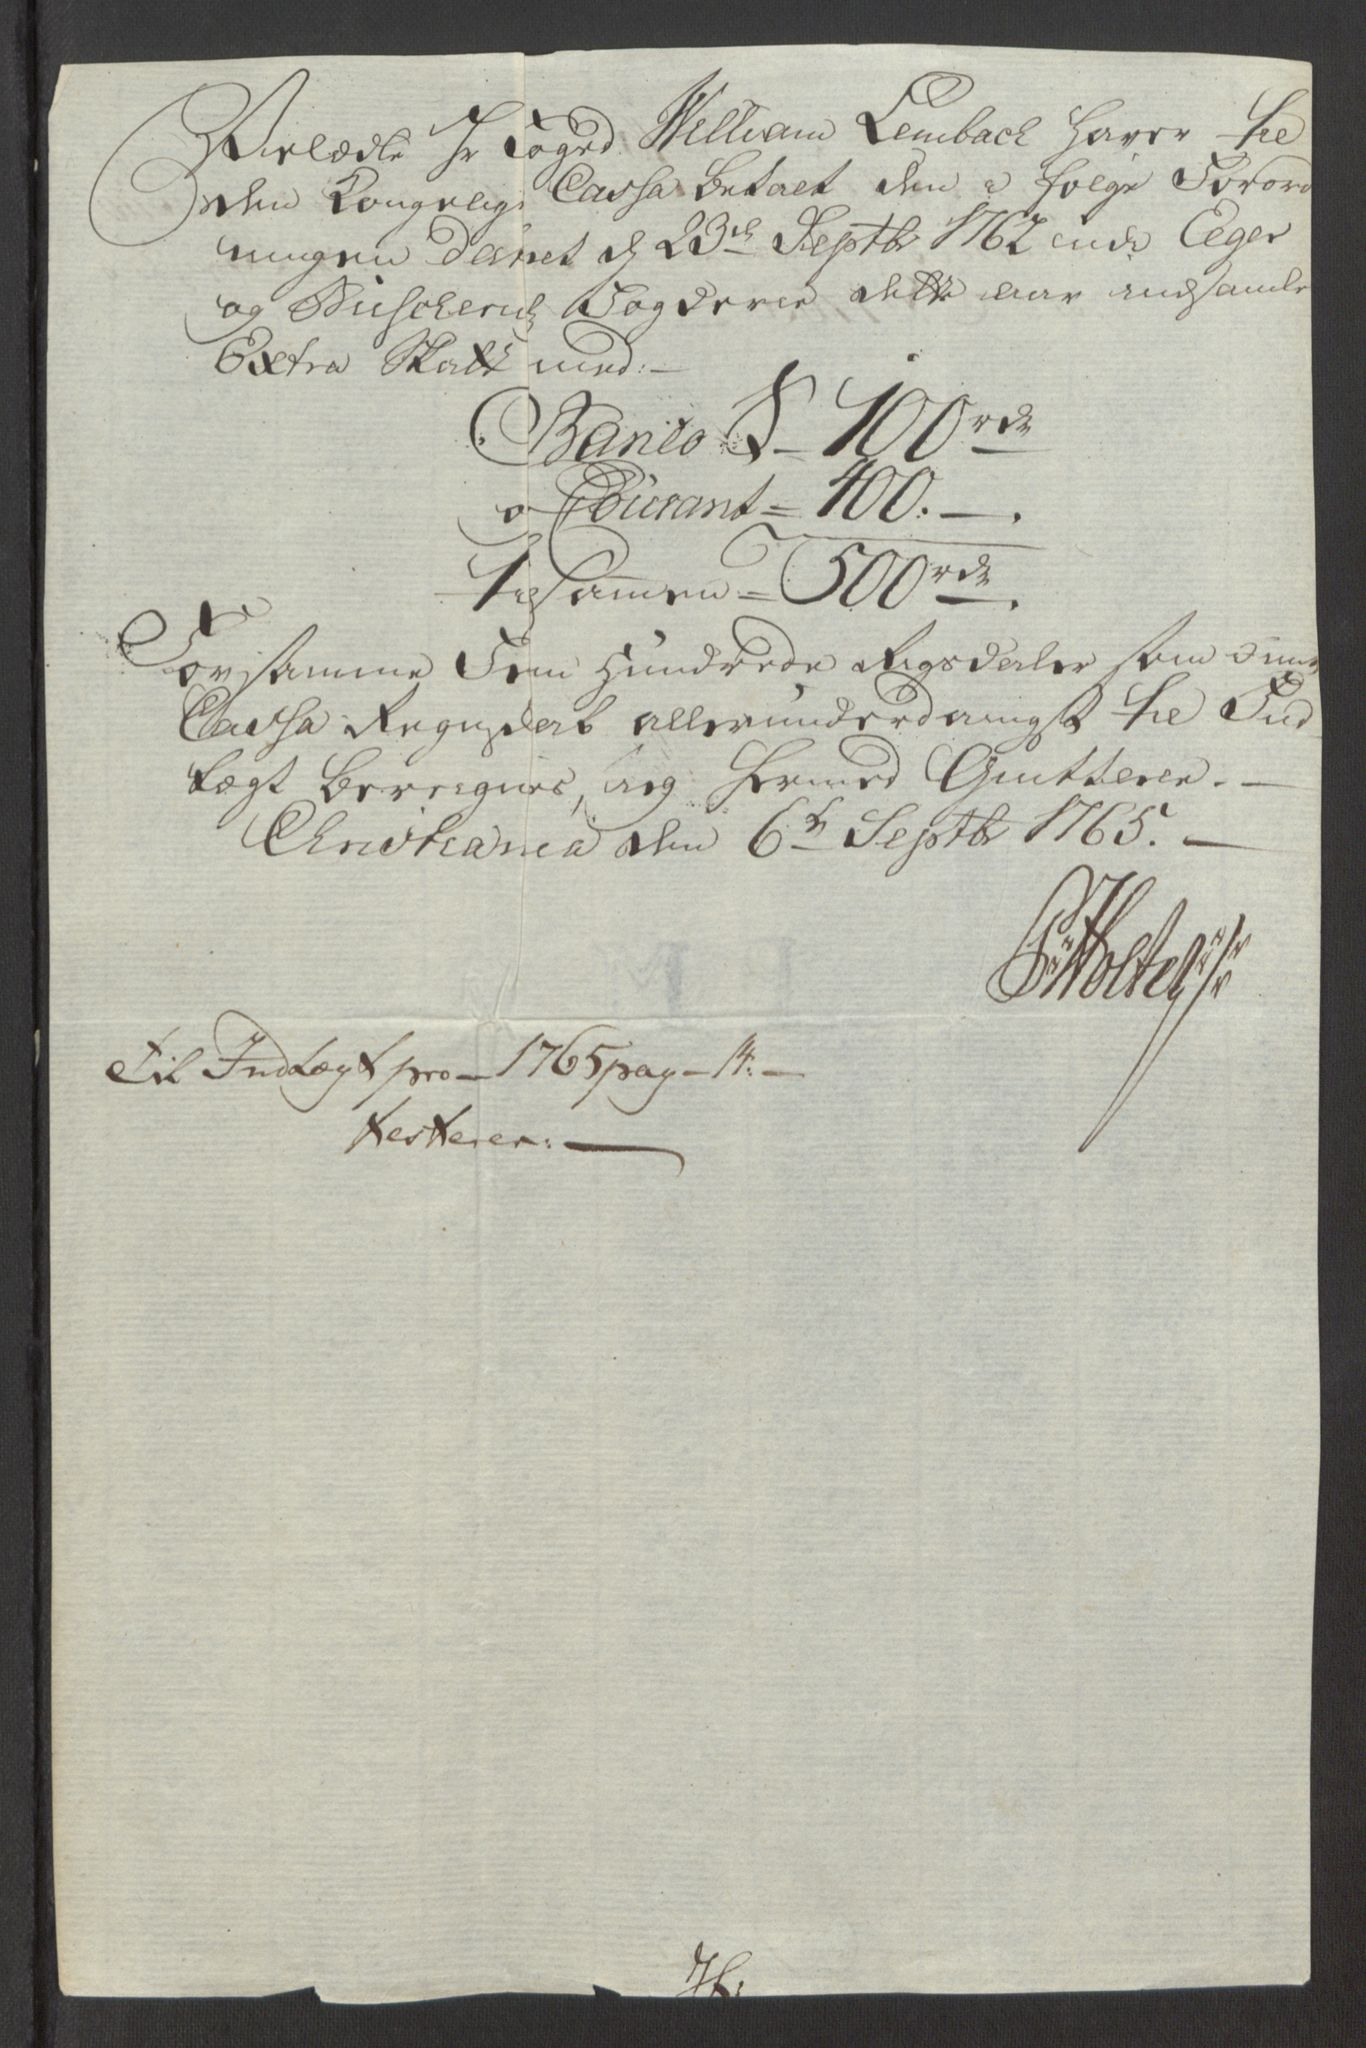 RA, Rentekammeret inntil 1814, Reviderte regnskaper, Fogderegnskap, R31/L1834: Ekstraskatten Hurum, Røyken, Eiker, Lier og Buskerud, 1765, s. 469